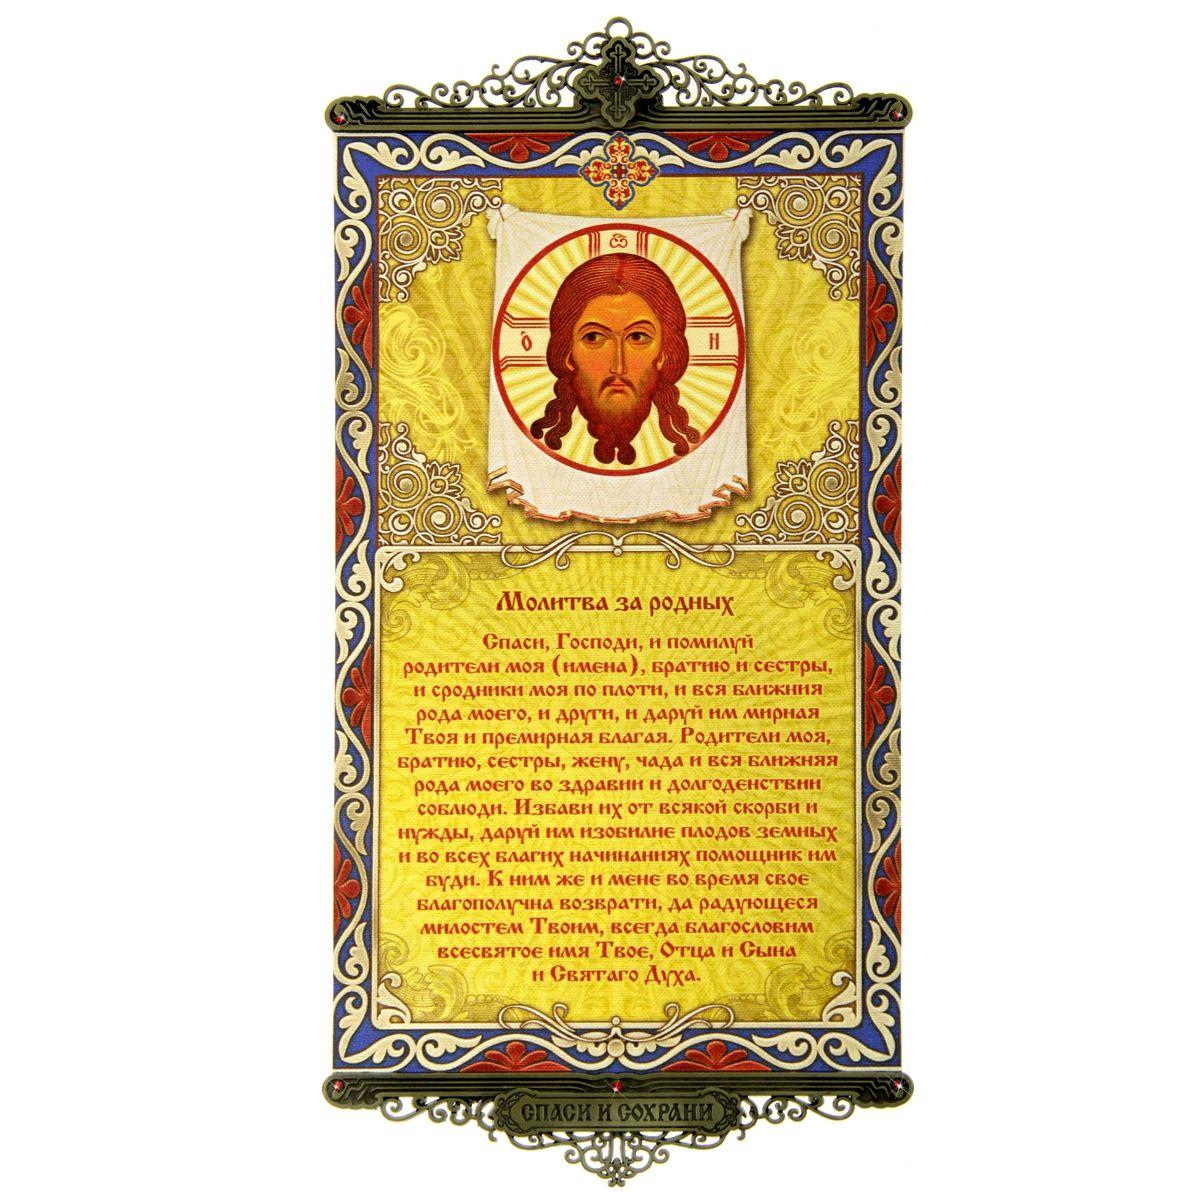 Икона с молитвой Молитва за родных, на подвесах602823Икона с молитвой Молитва за родных выполнена из плотного текстиля с нанесенным цветным рисунком, края декорированы ажурными металлическими вставками со стразами. Цветовая гамма и интерьер влияют на настроение каждого, именно поэтому так важны детали, которые нас окружают. Знатоки интерьерных решений стараются применять самые разнообразные решения при художественном оформлении внутреннего пространства и использовать все возможные материалы. Икона с молитвой на подвесах - это хорошее решение для интерьера по выгодной цене!